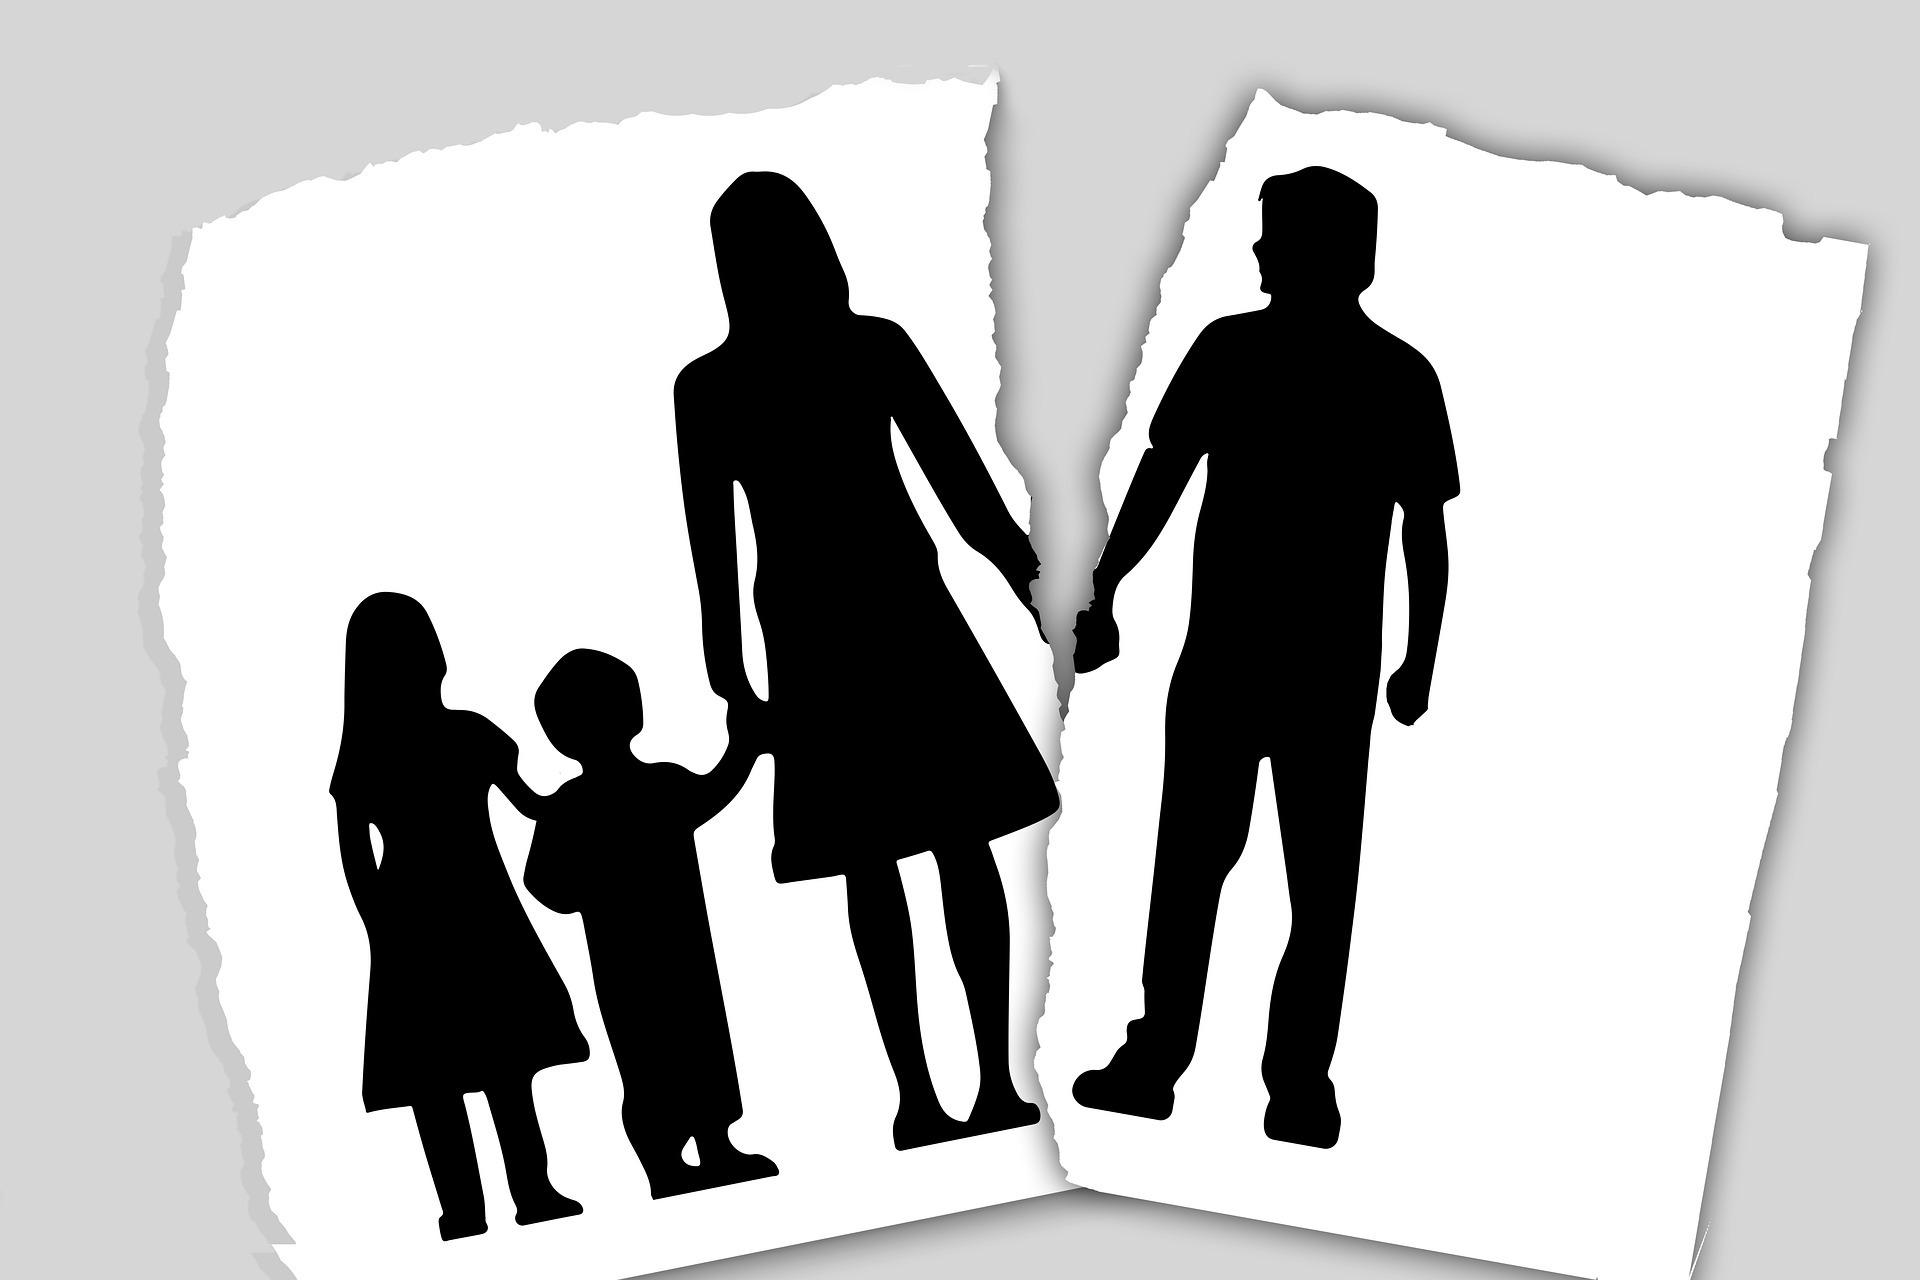 Januari is een kille maand: meer scheidingen dan huwelijken